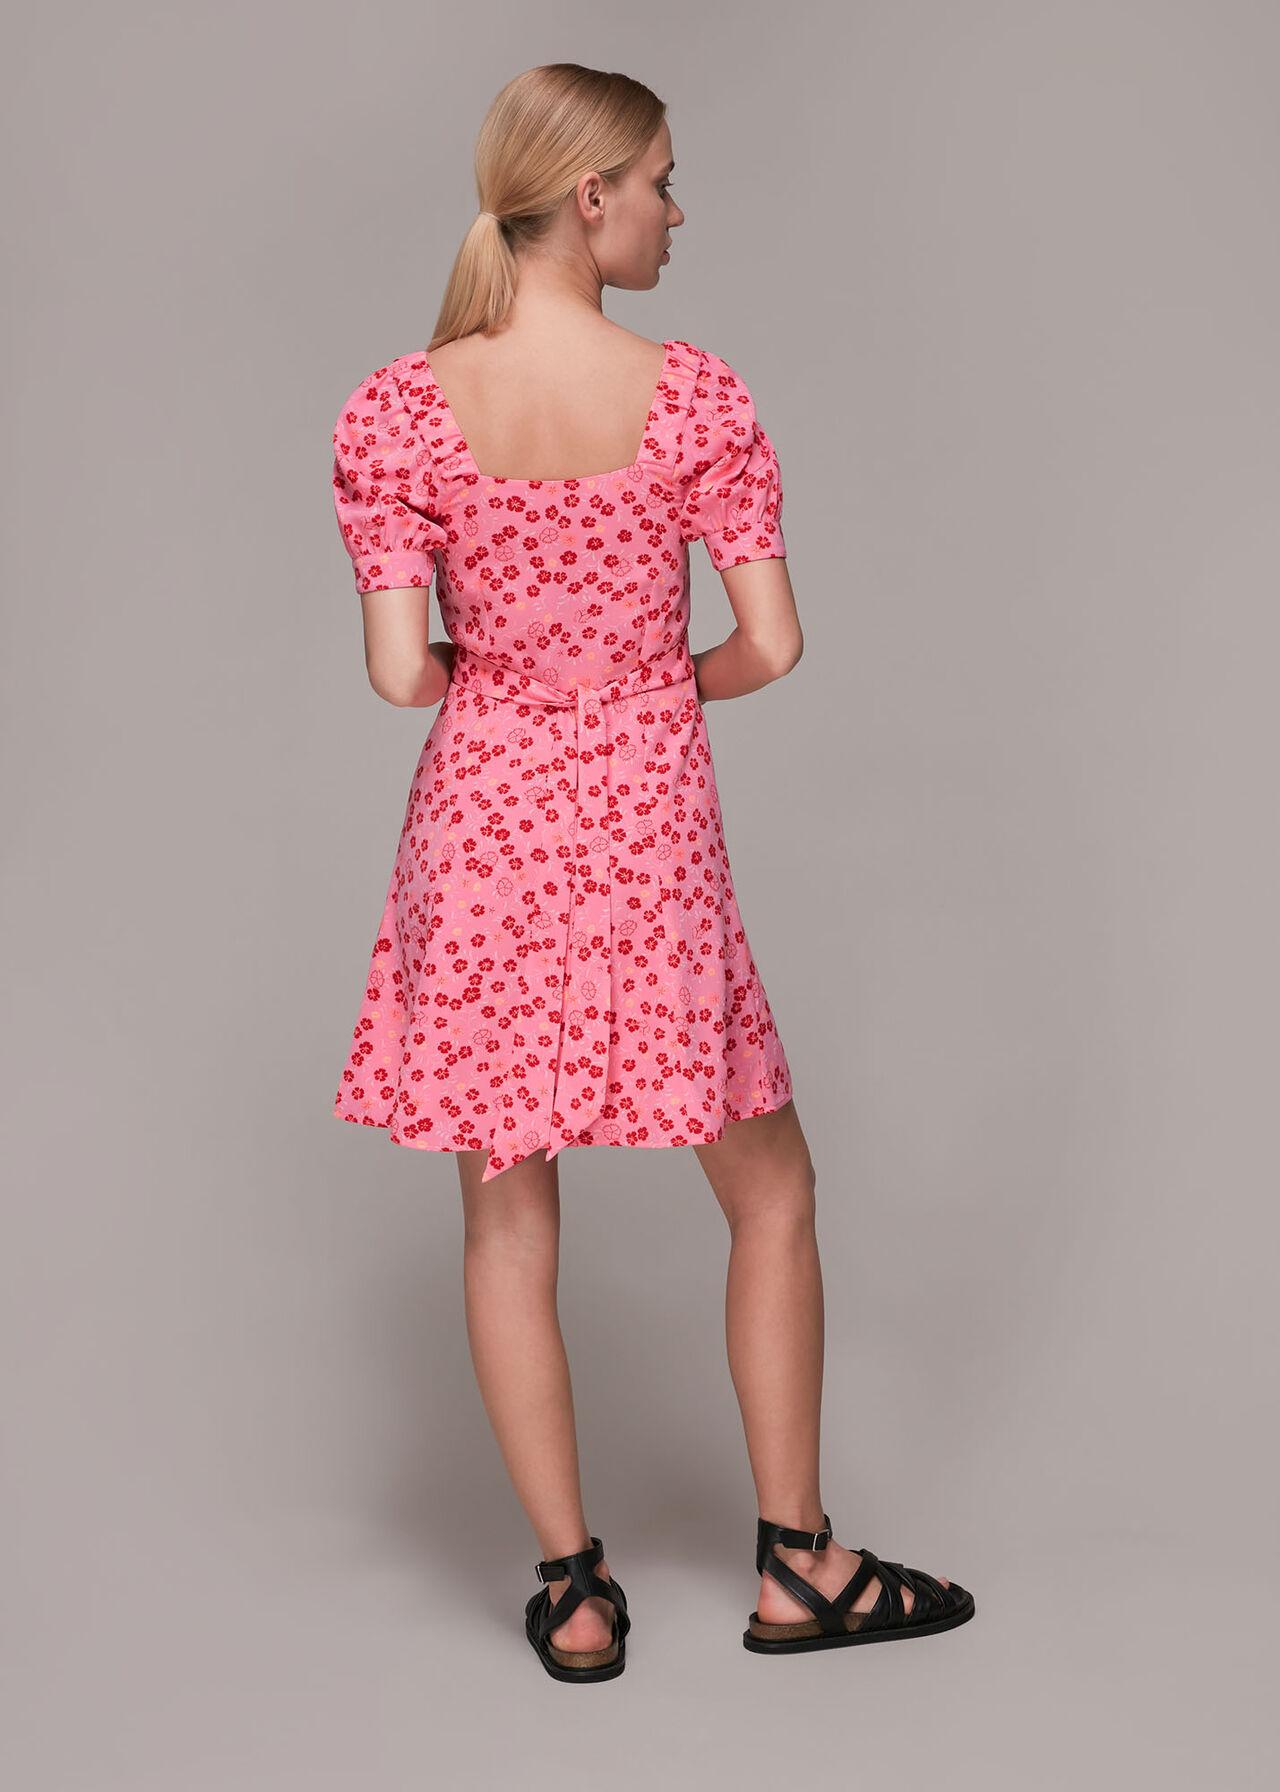 Cherry Floral Tie Waist Dress